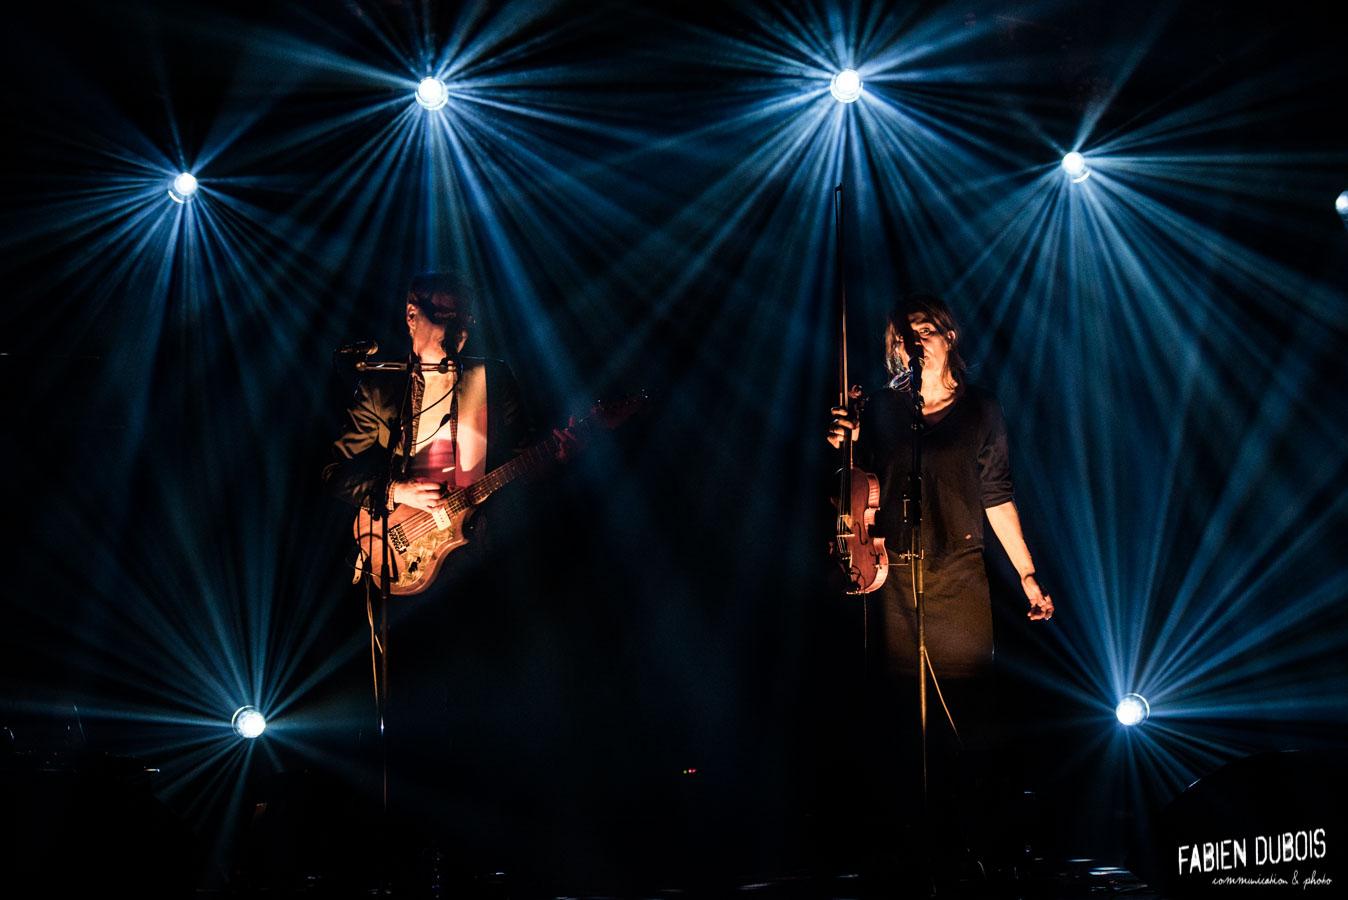 Photo Zato Black is the Light Embobiné Cave à Musique Cavazik Mâcon 2018